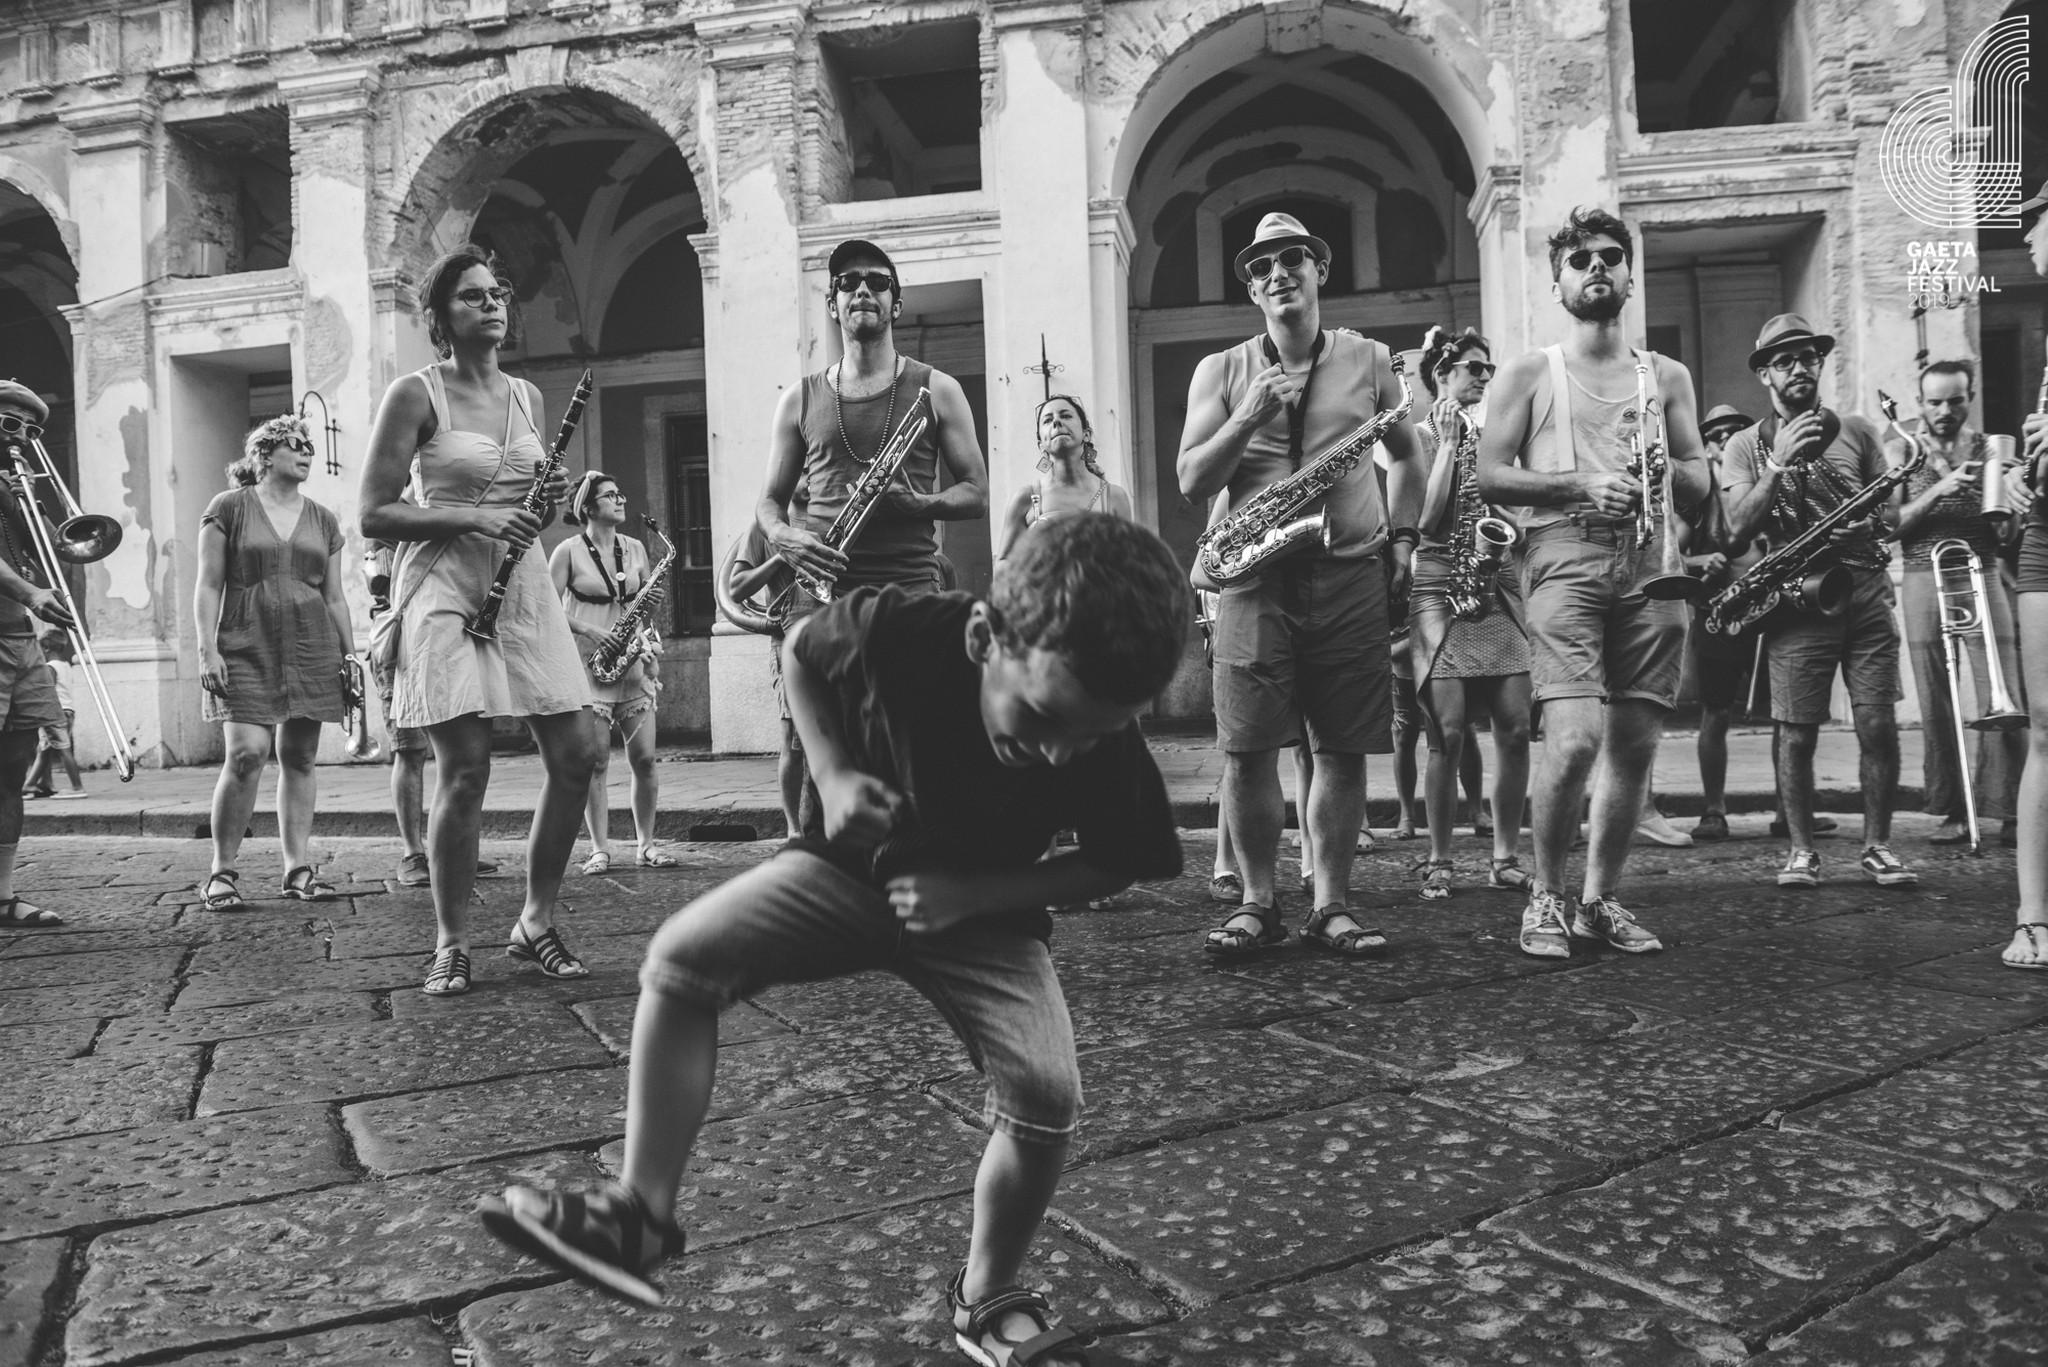 Flavia_Fiengo_Gaeta_Jazz_Festival_live_2019__00030